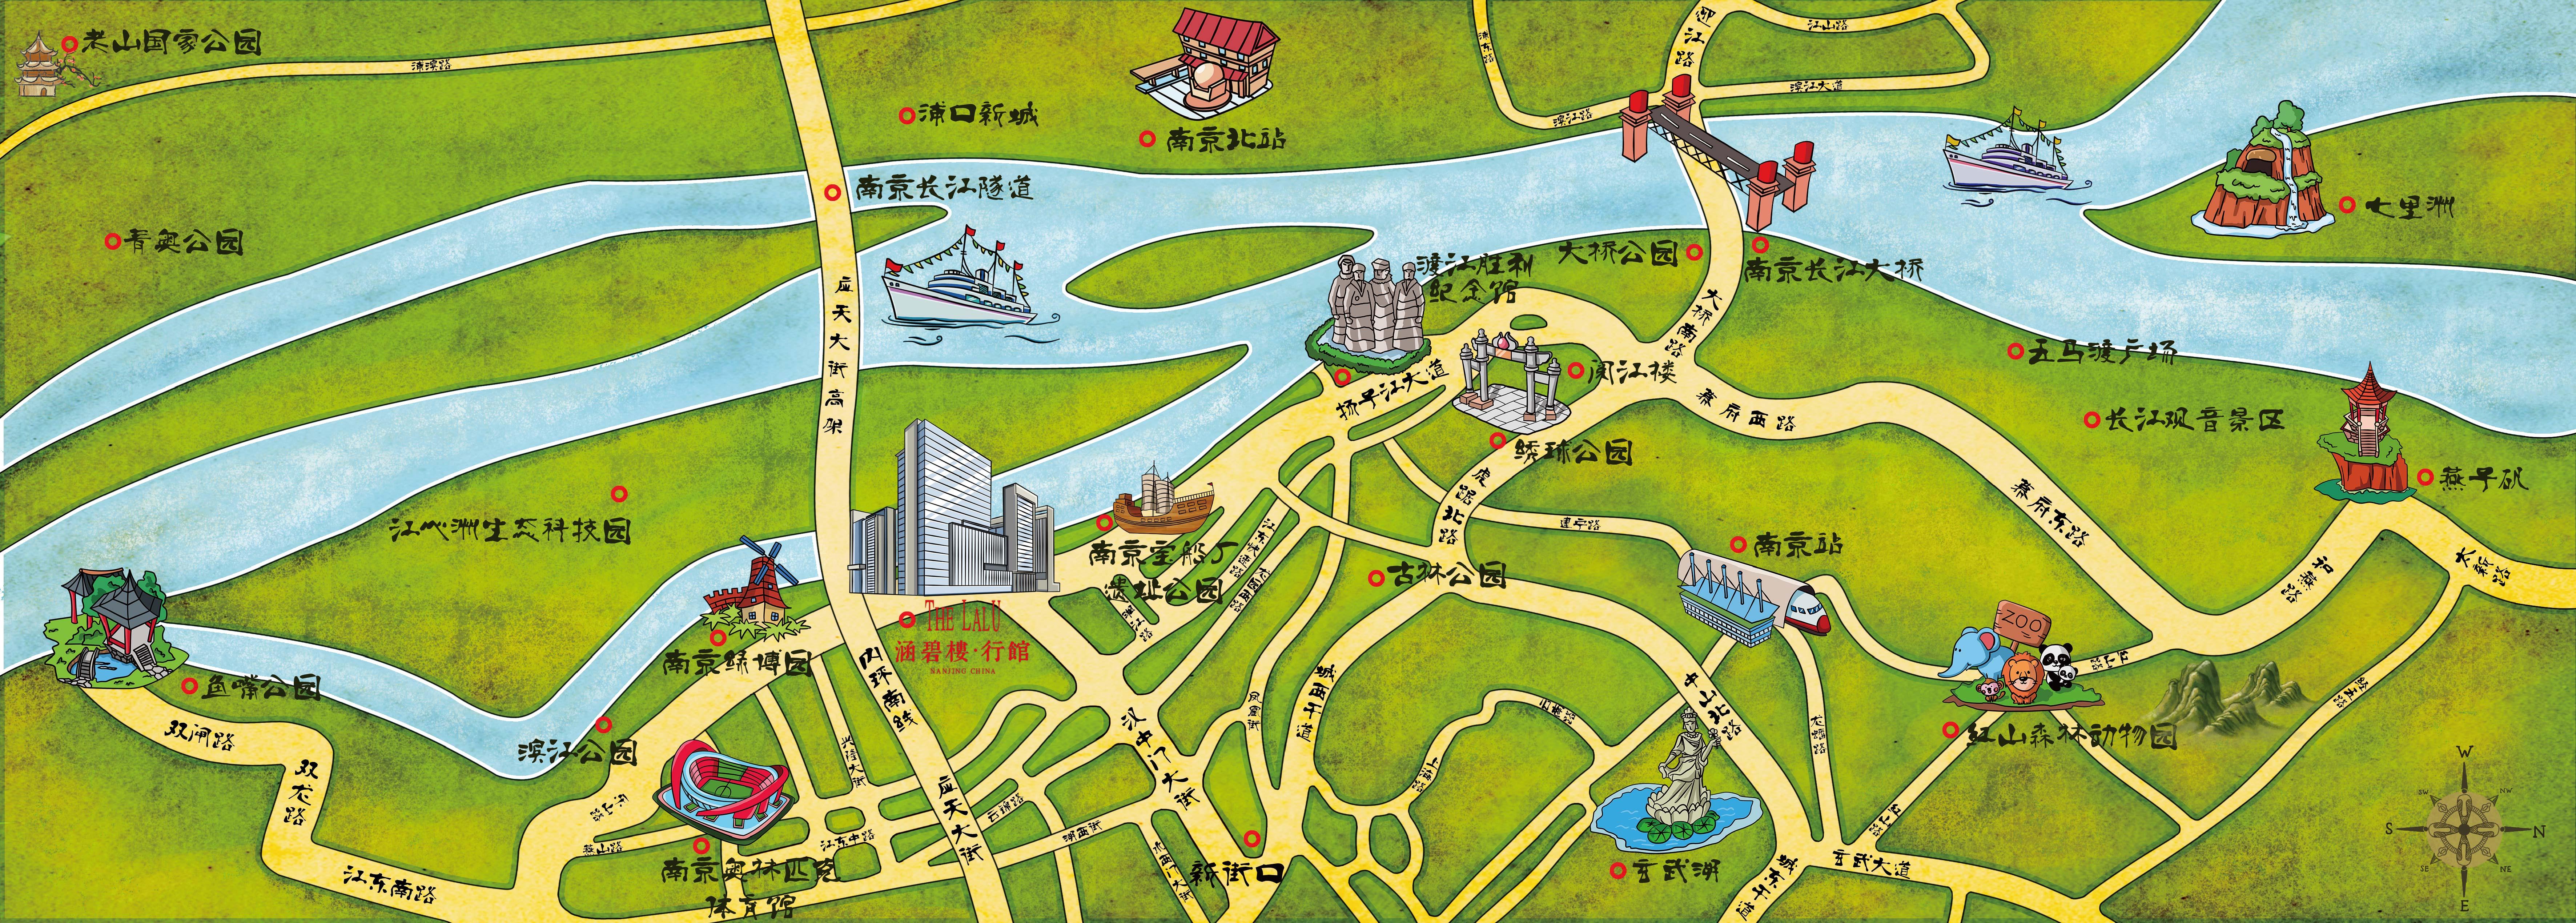 南京地图局部